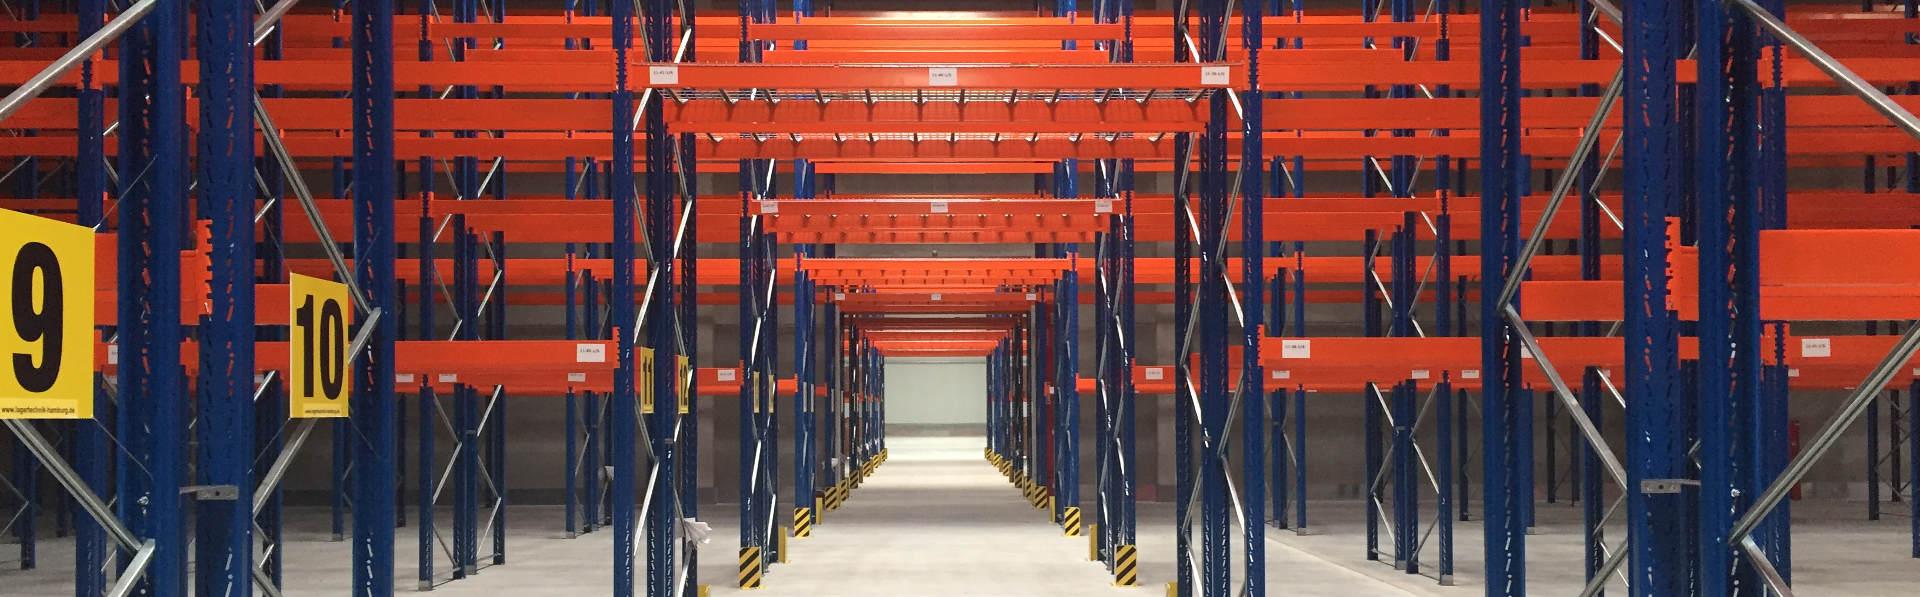 Full Size of Regale Hamburg Weiße String Bett Kaufen Meta Selber Bauen Obi Amazon Nach Maß Schulte Gebrauchte Aus Europaletten Holz Regal Regale Hamburg